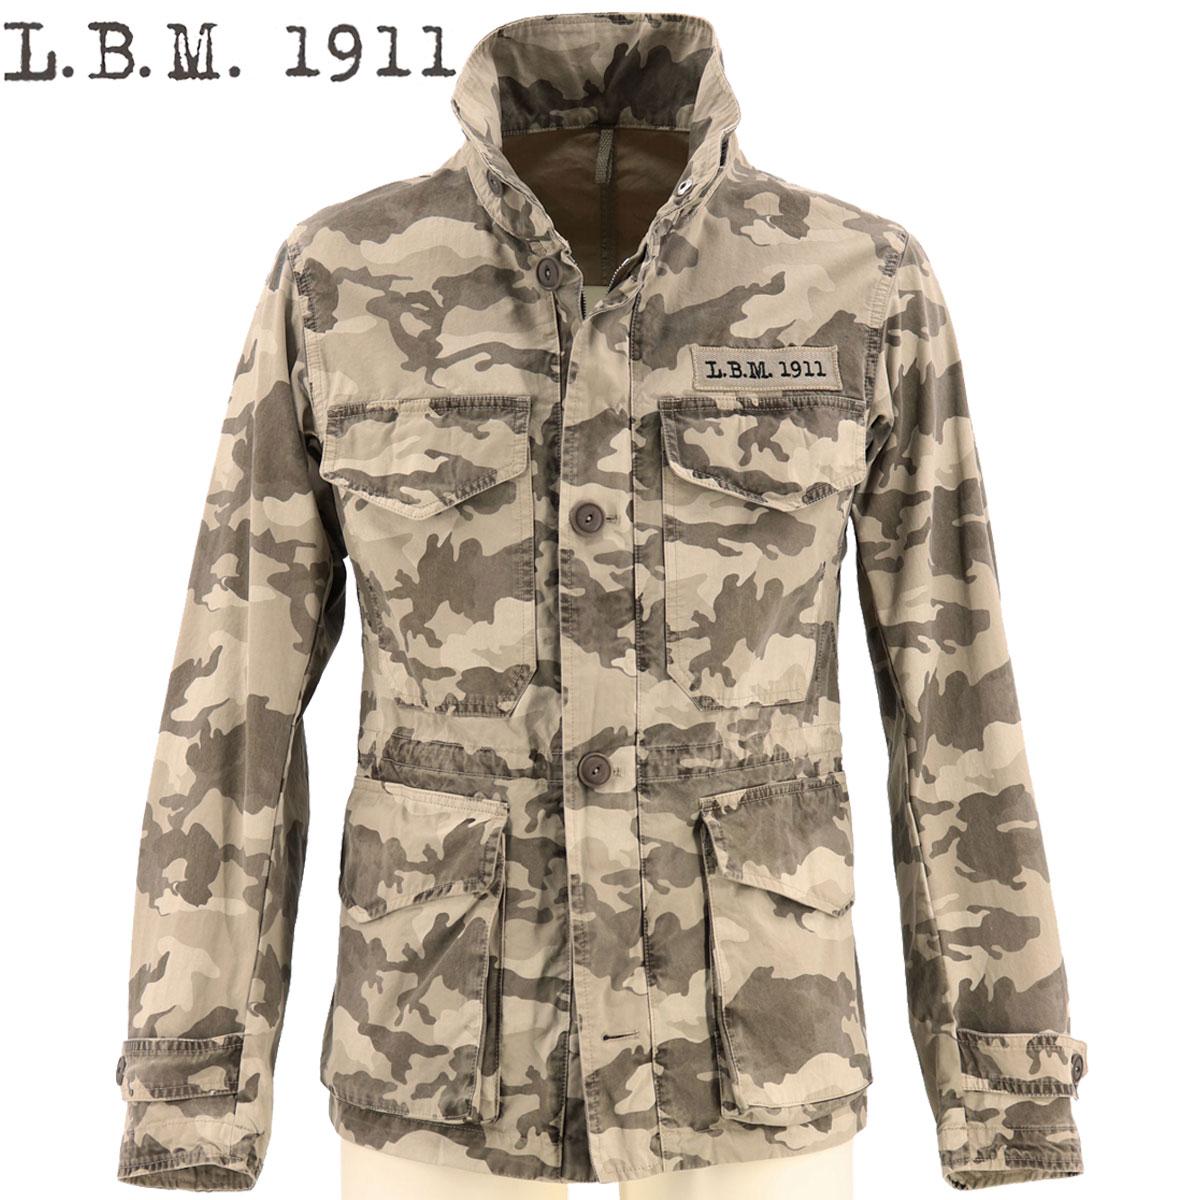 2020年春夏新作 国内正規品 L.B.M.1911 エルビーエム1911 メンズ ウォッシュドコットン カモフラージュ柄 M-65型 フィールドジャケット LBM M65 0101-93085740 1(カモフラージュ)